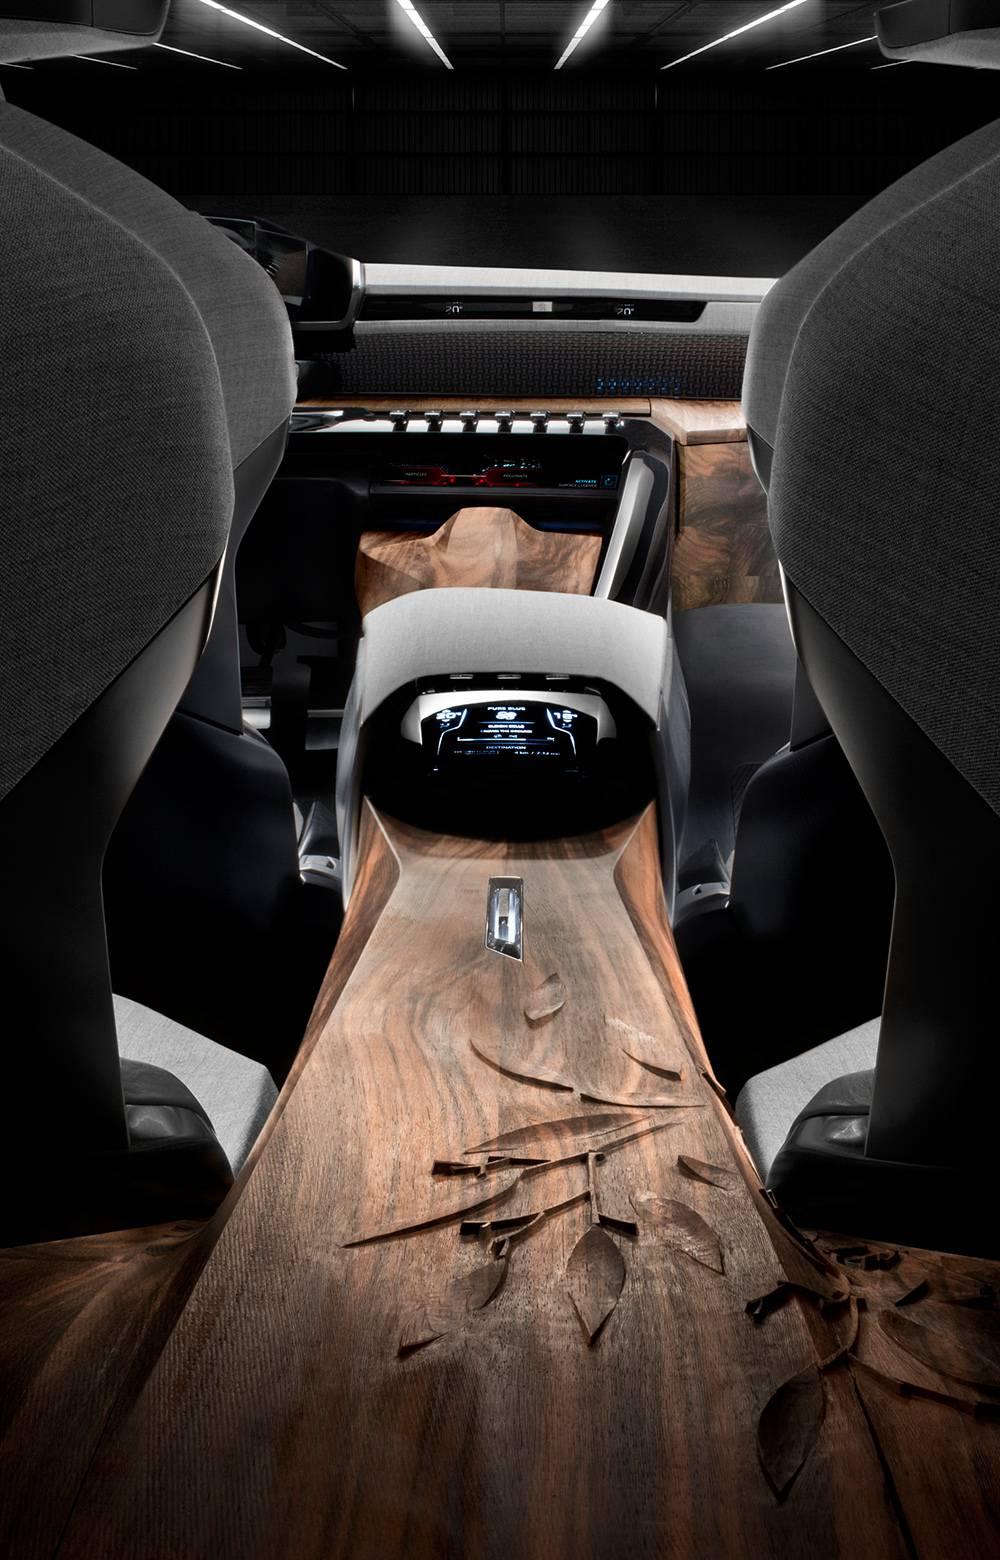 peugeot exalt concept 2014 peking motorshow mittelkonsole holz